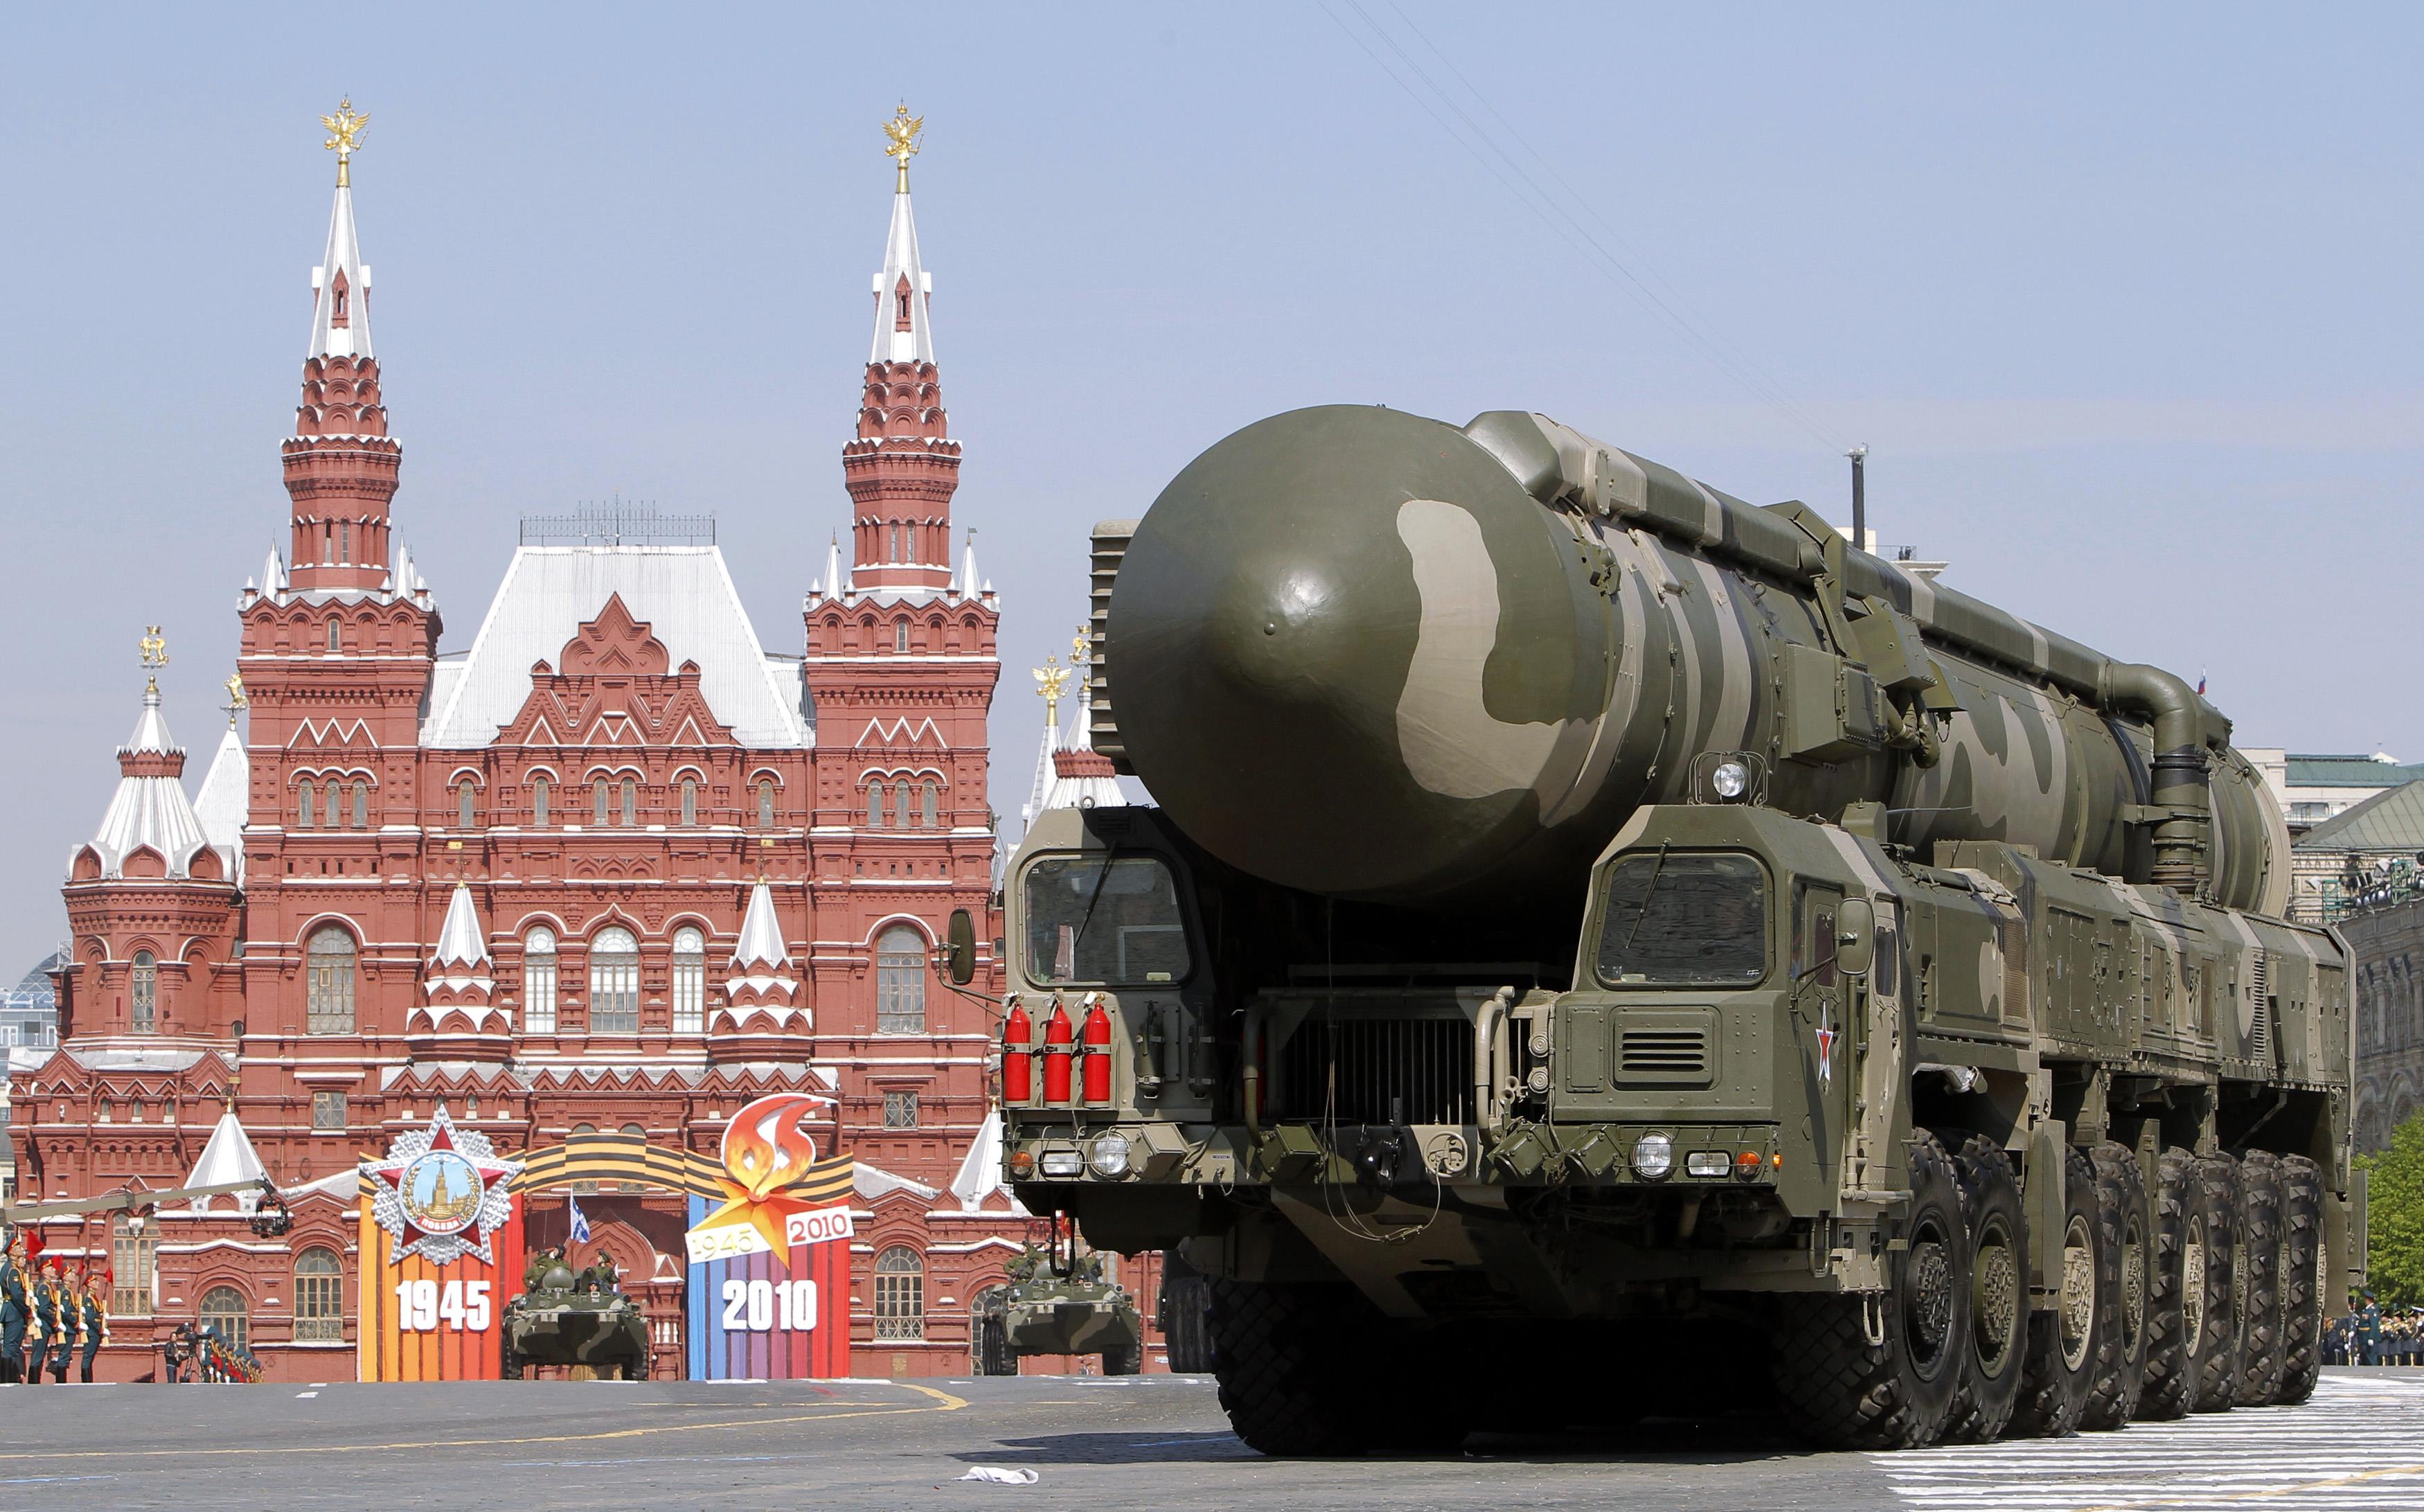 Прощай, отмытая Россия! Путин объявил «Четвертую мировую войну» против Запада